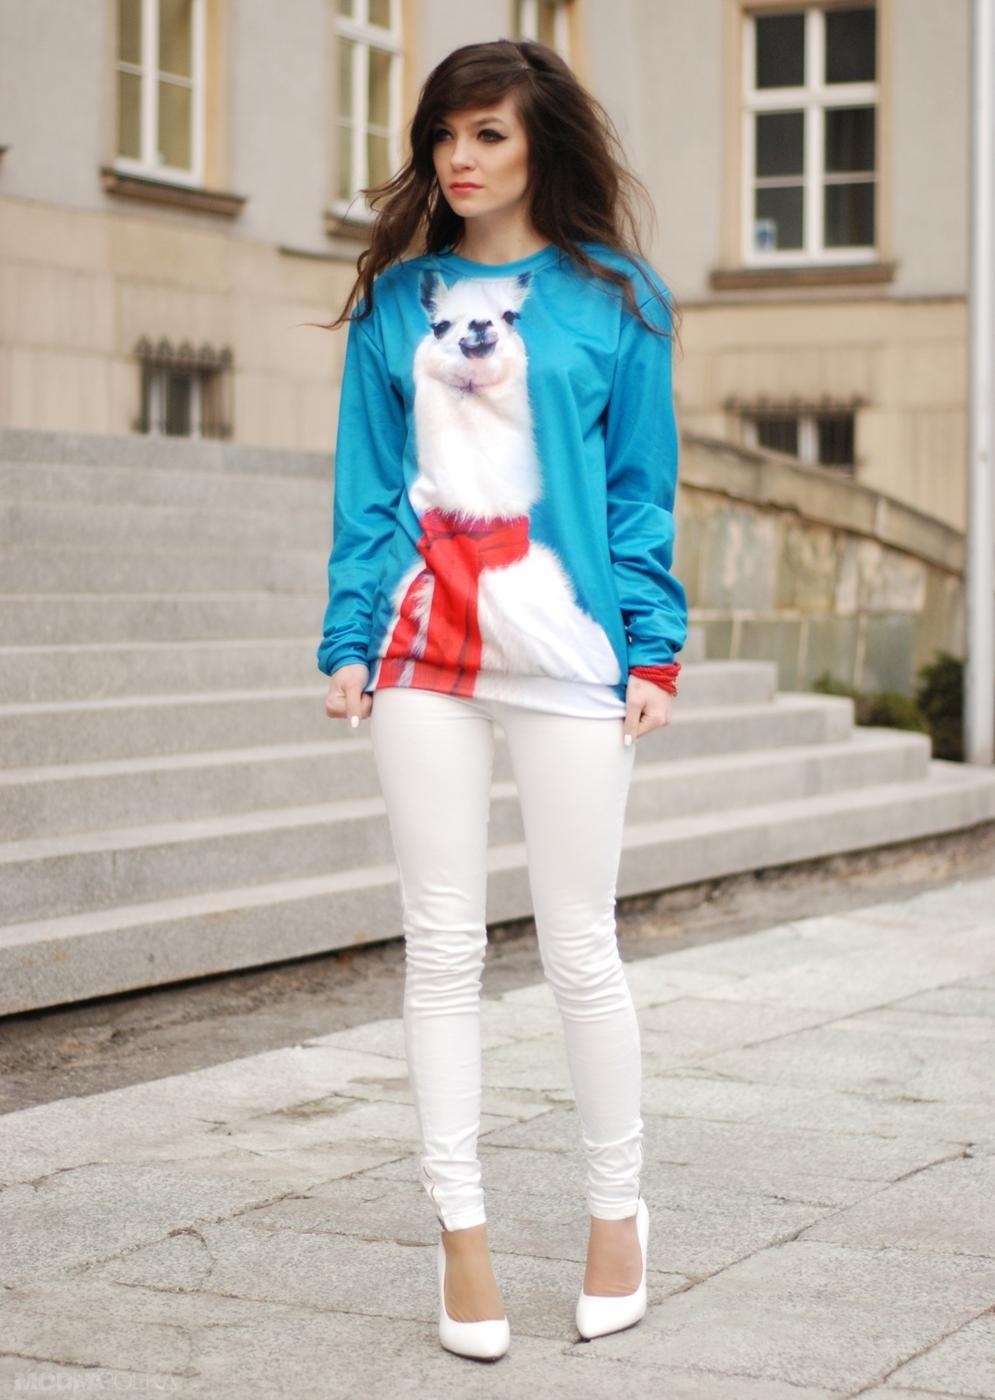 Белые брюки женские: классические штаны под кофту спортивную яркую